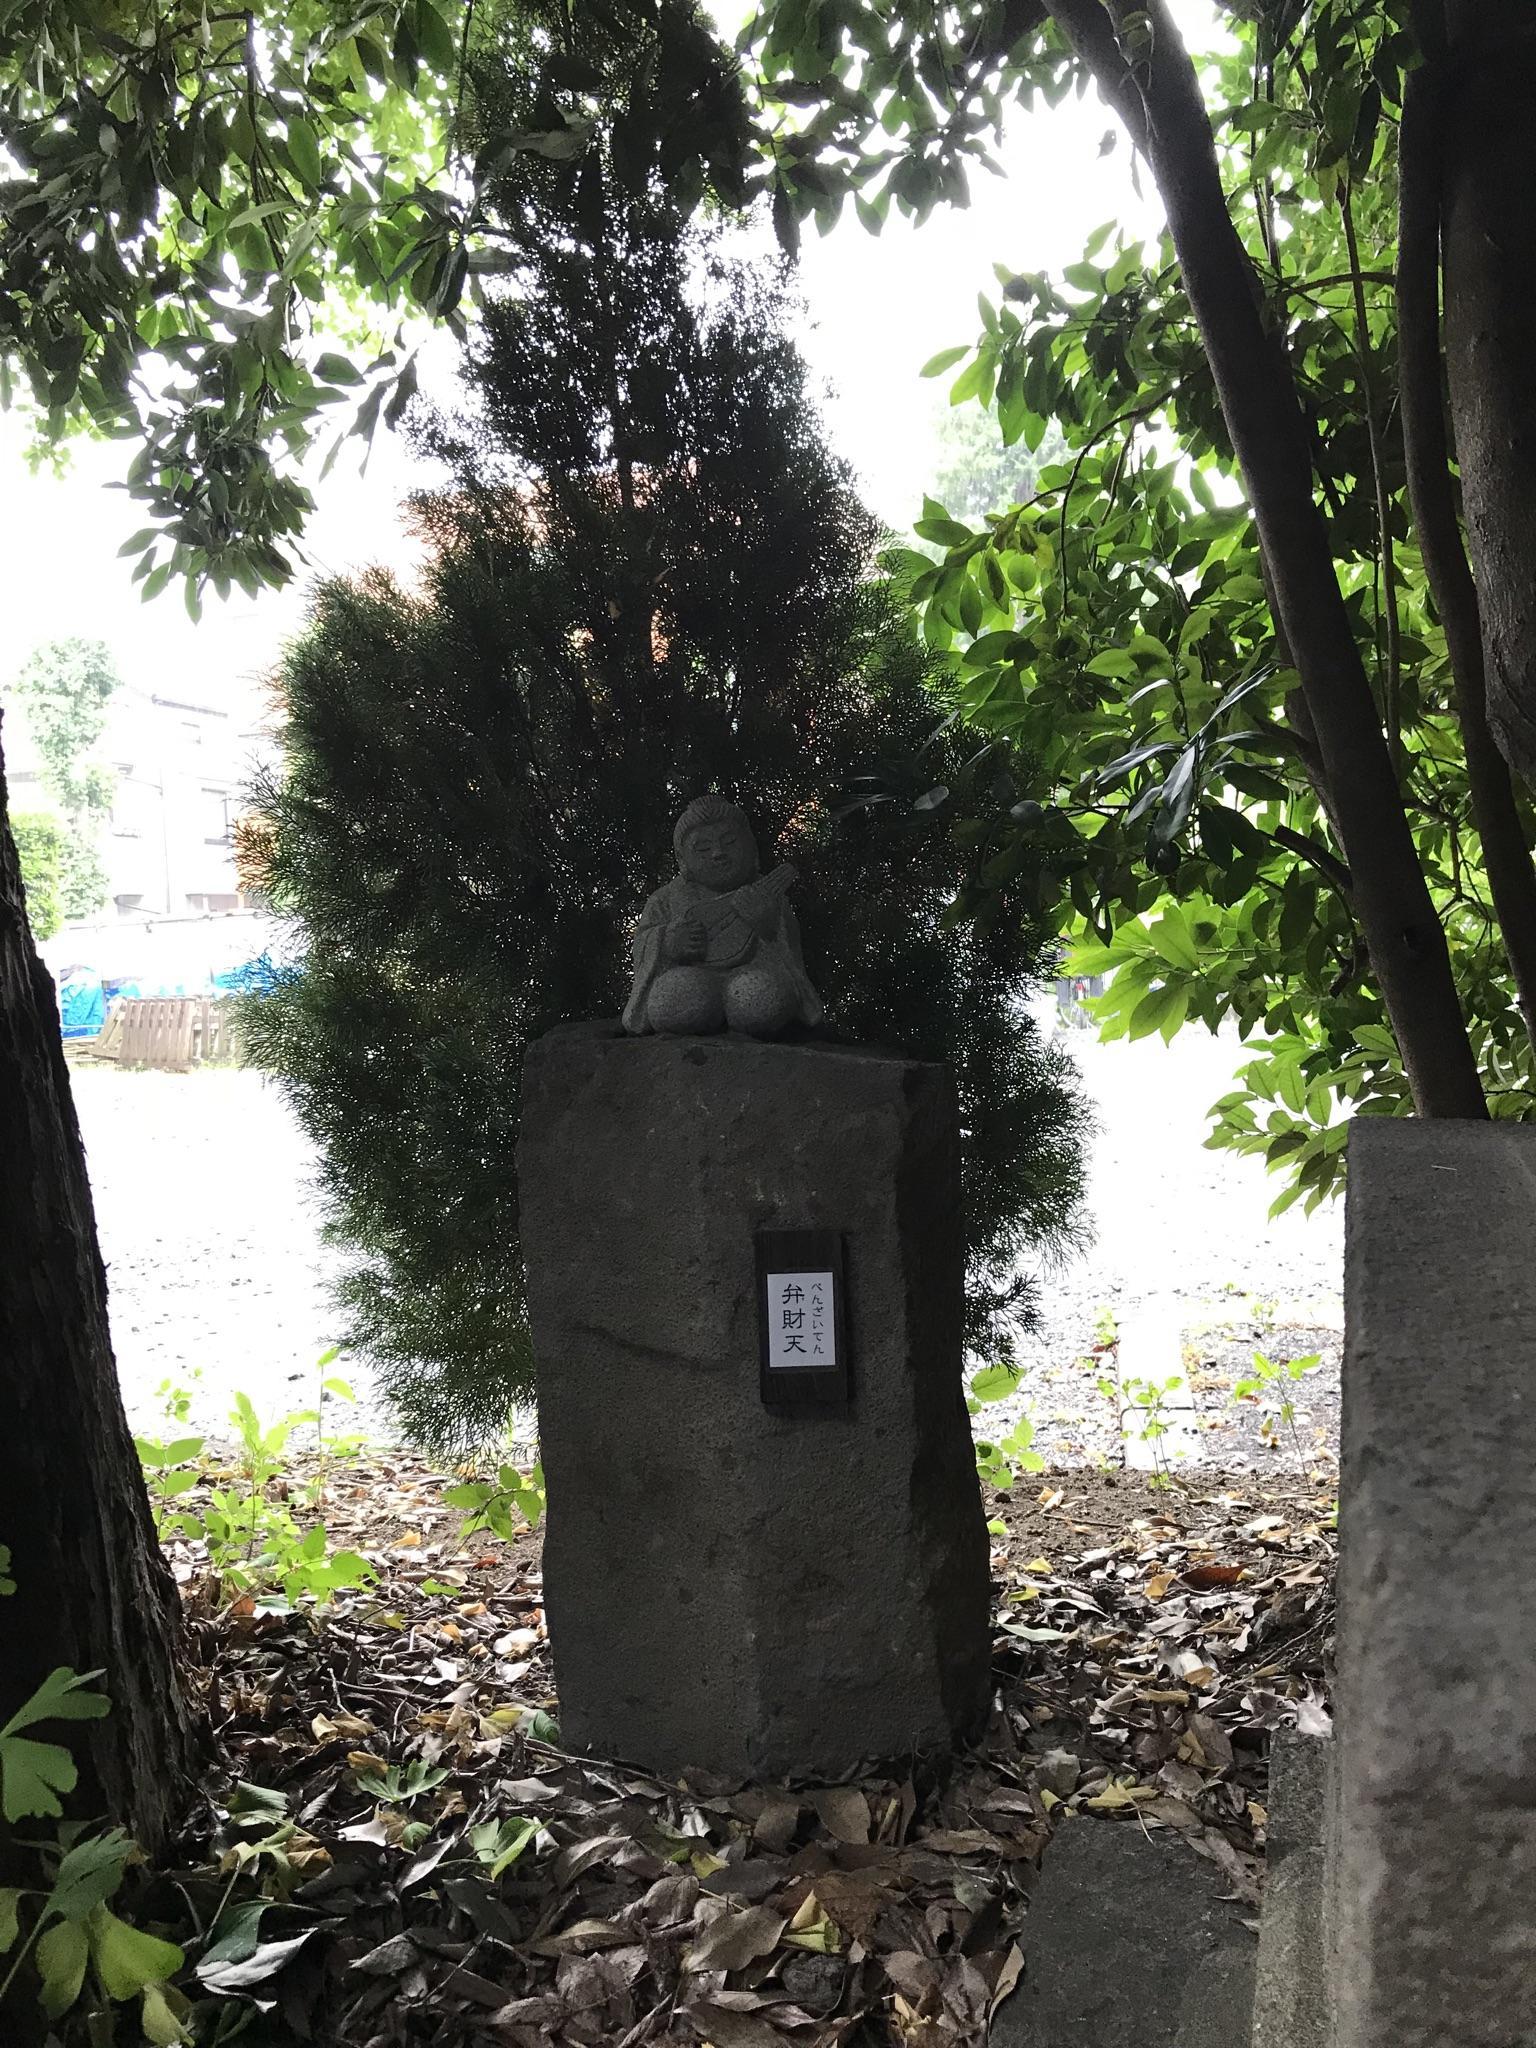 鎮守氷川神社の像